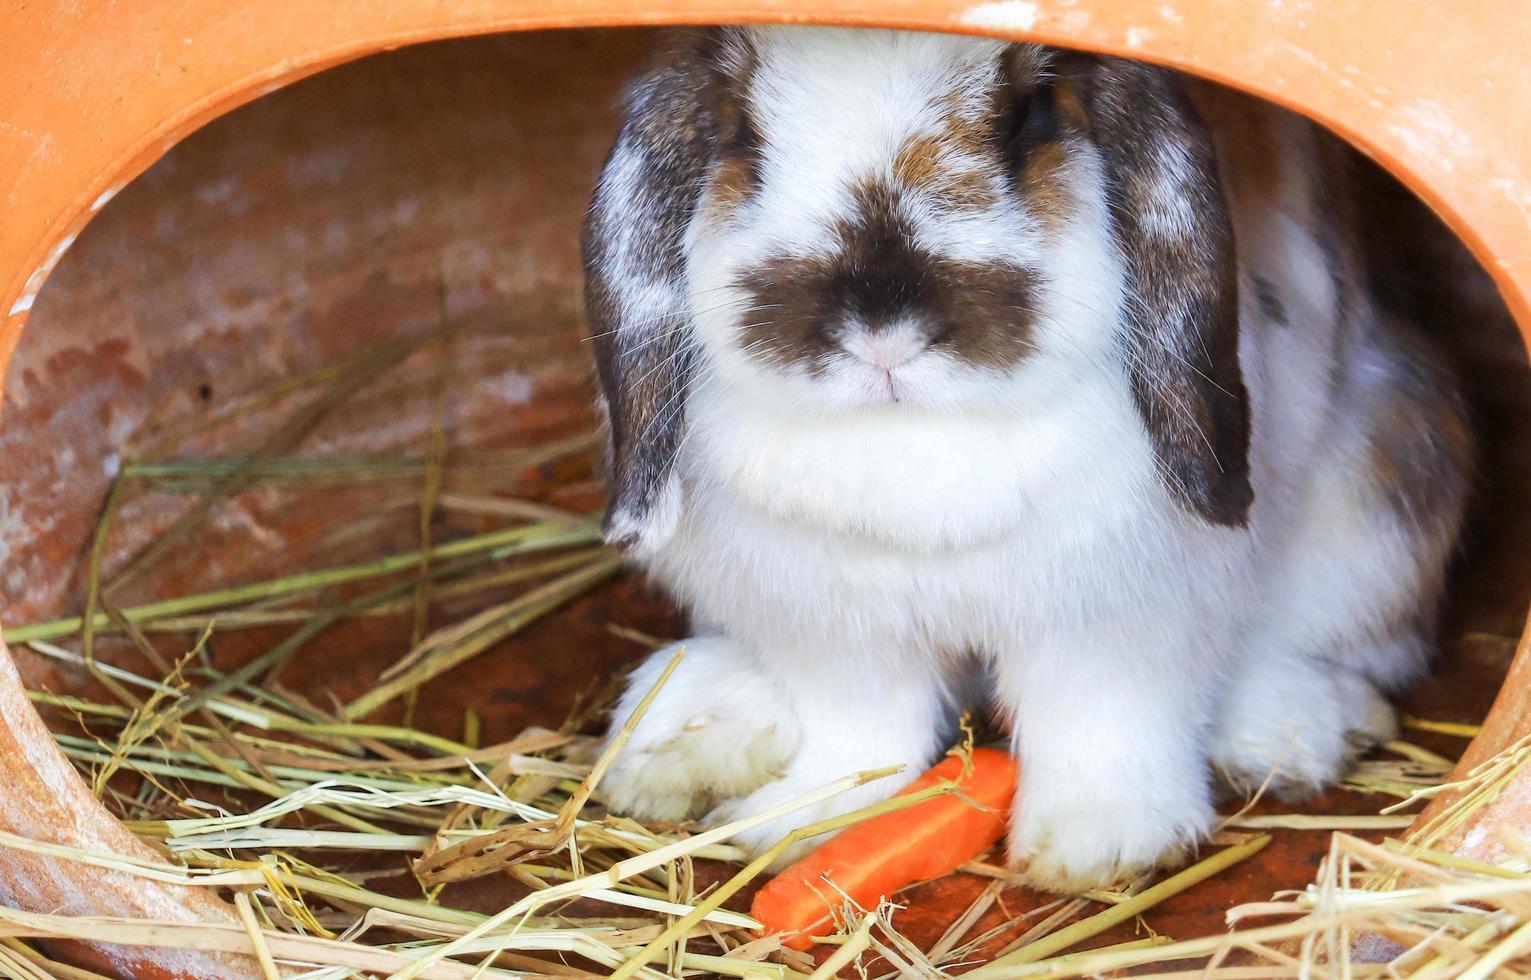 schattig wit konijn op het gras of stro foto